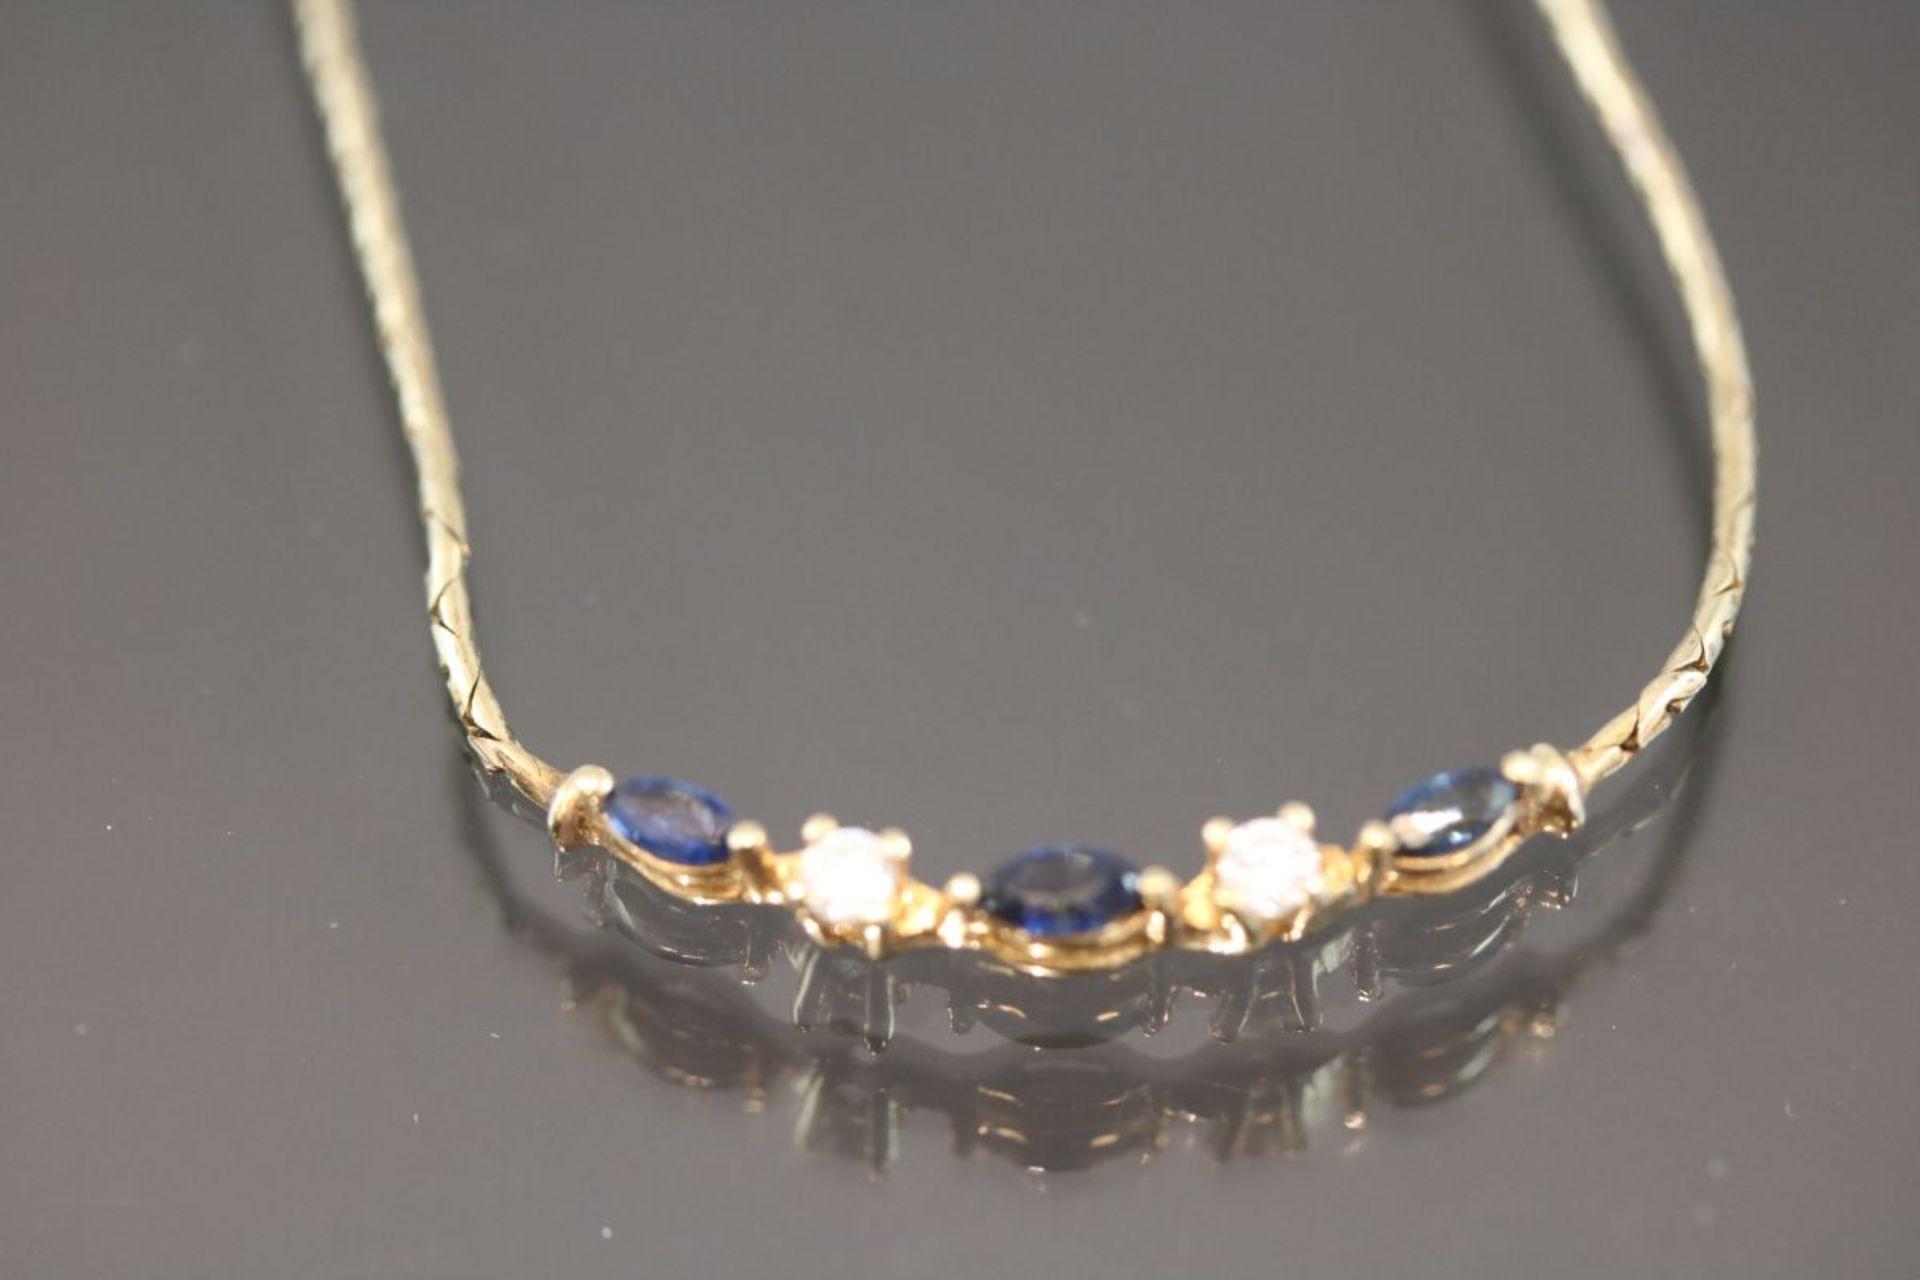 Saphir-Brillant-Collier, 585 Gold5,9 Gramm 2 Brillanten, 0,09 ct., w/si. Länge: 42 cm Schätzpreis: